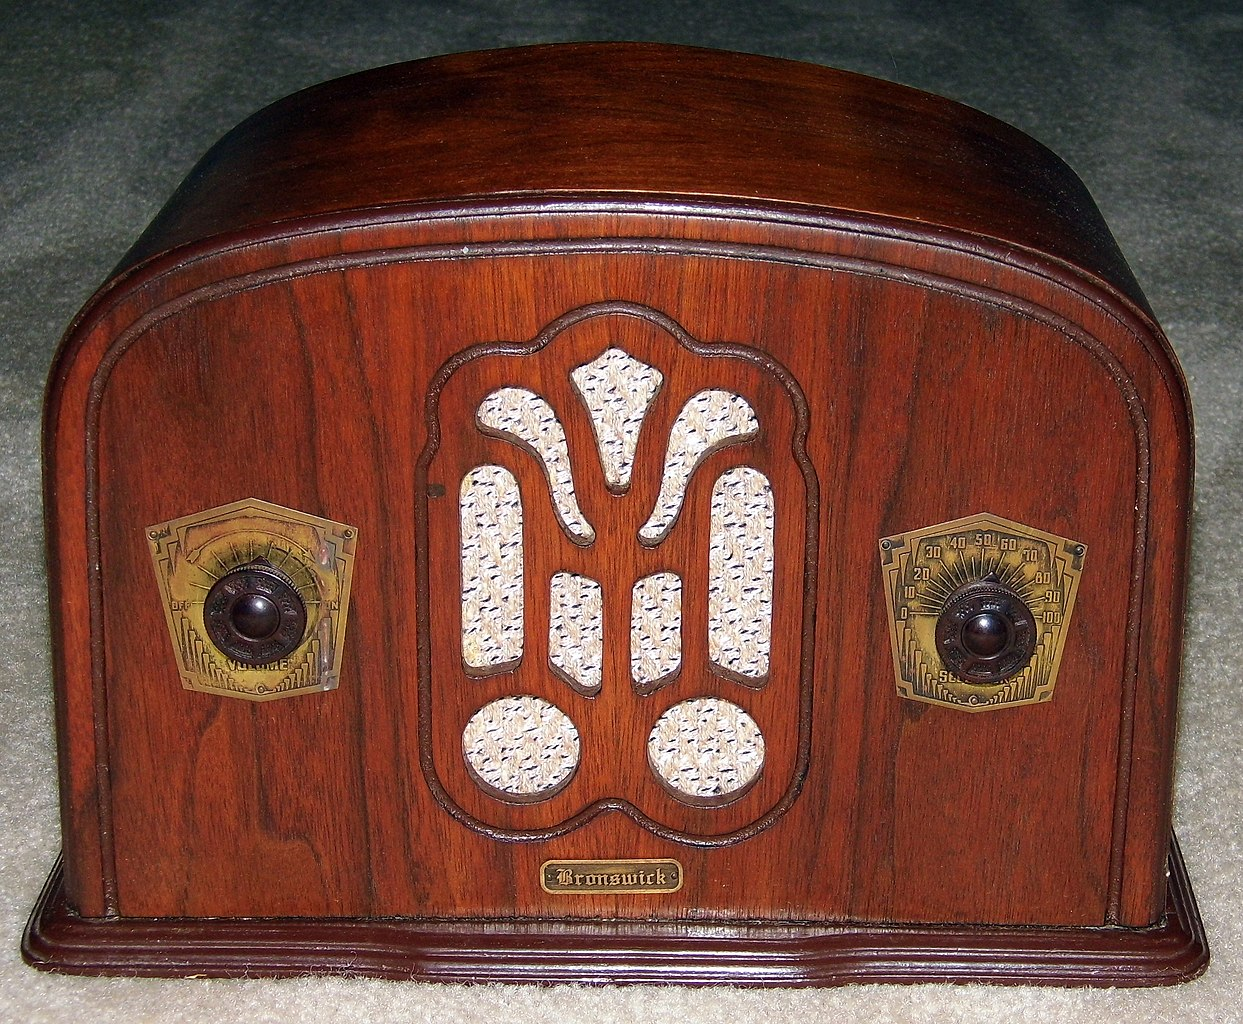 Vintage Brunswick Wood Table Radio Vacuum Tubes